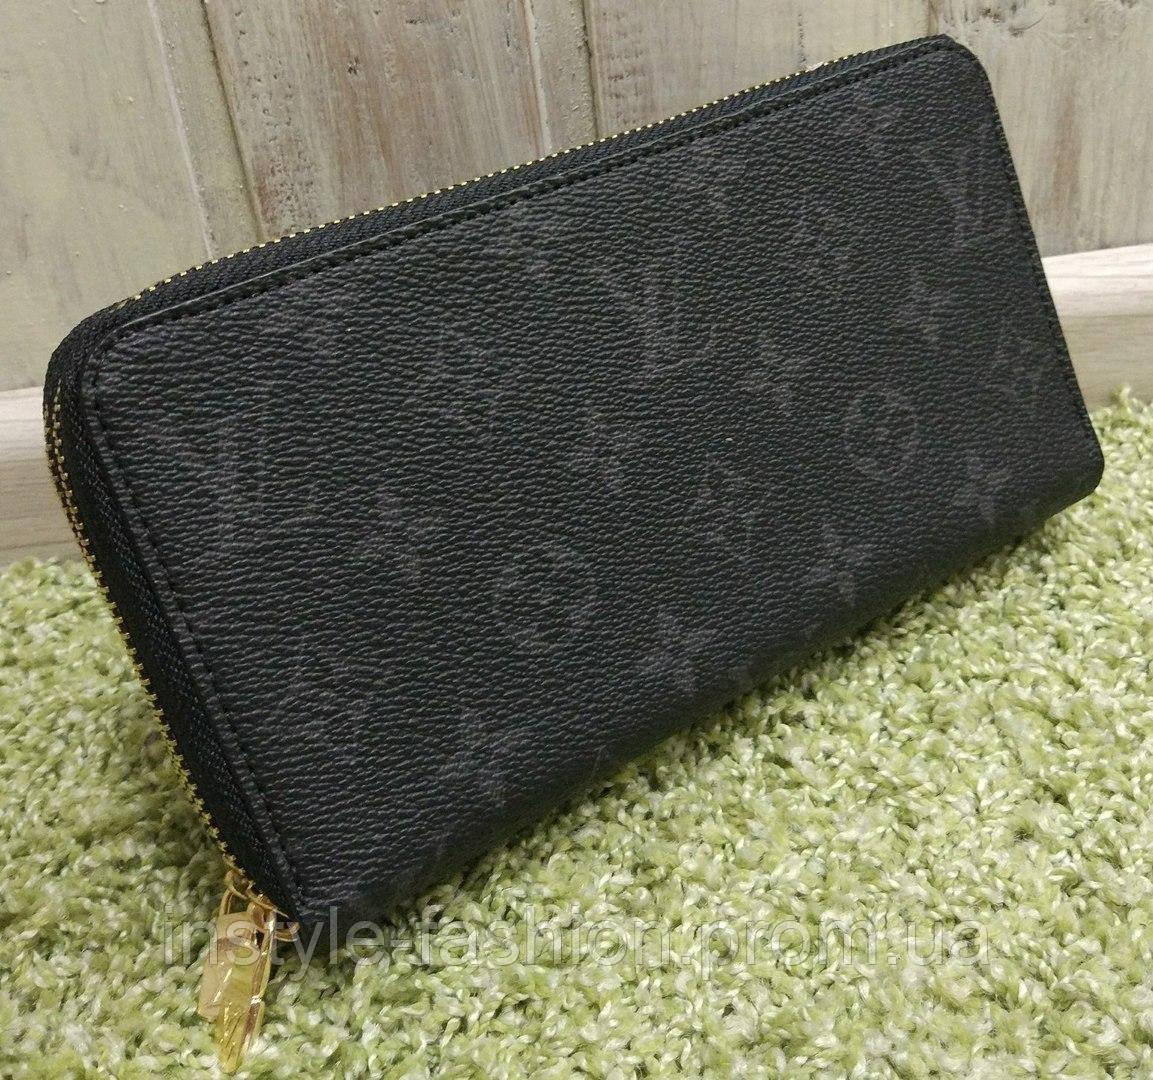 Кошелек женский брендовый Louis Vuitton Луи Виттон на две змейки черный -  Сумки брендовые, кошельки af73a4ef354